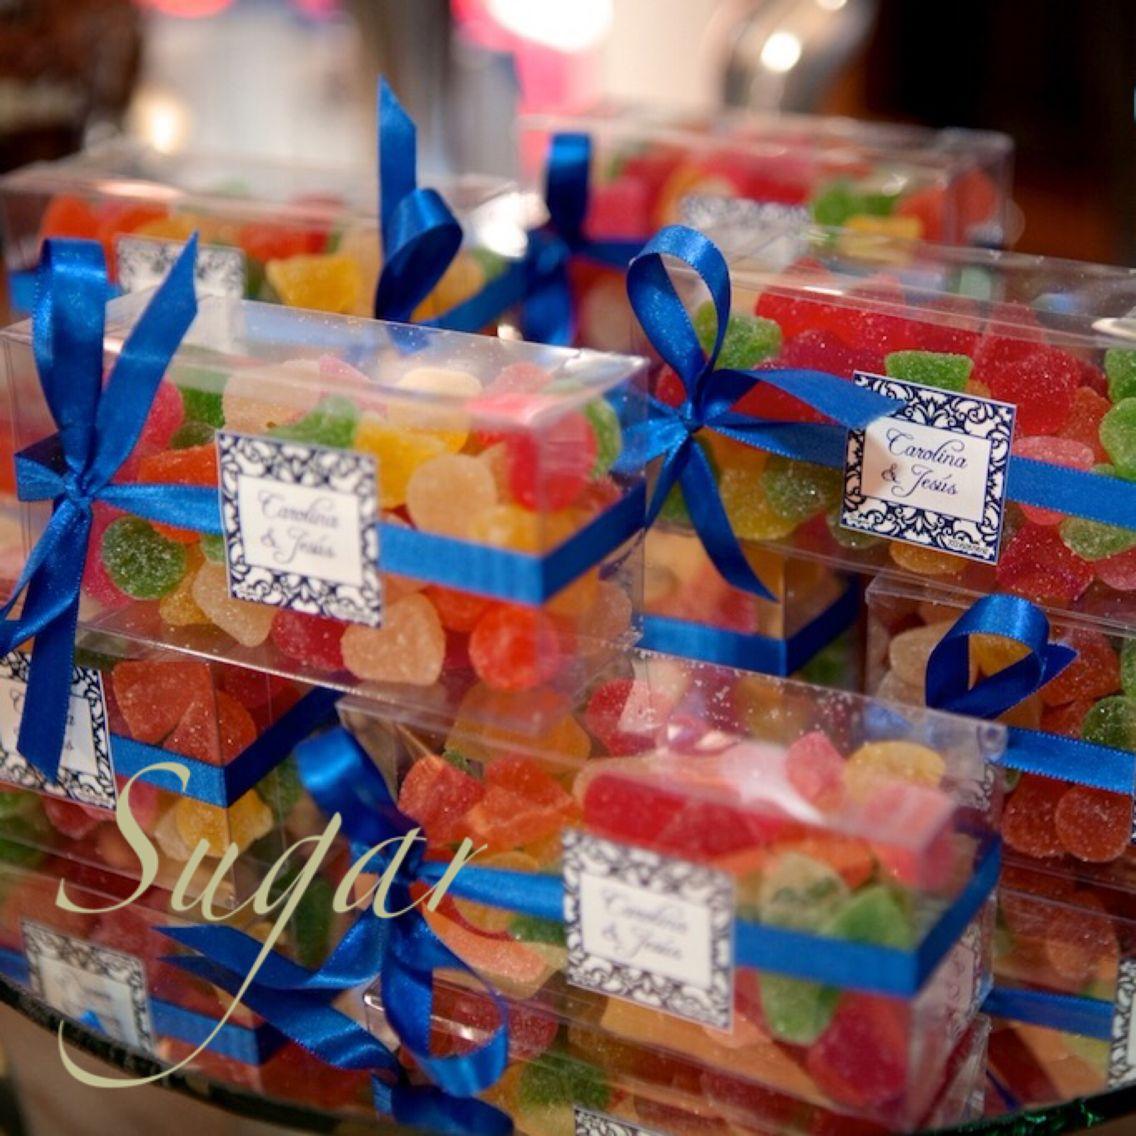 Sugar. México 045.722.6285892 Mesas de Postres, dulces, chilitos.  Mesas de Quesos y Brunch